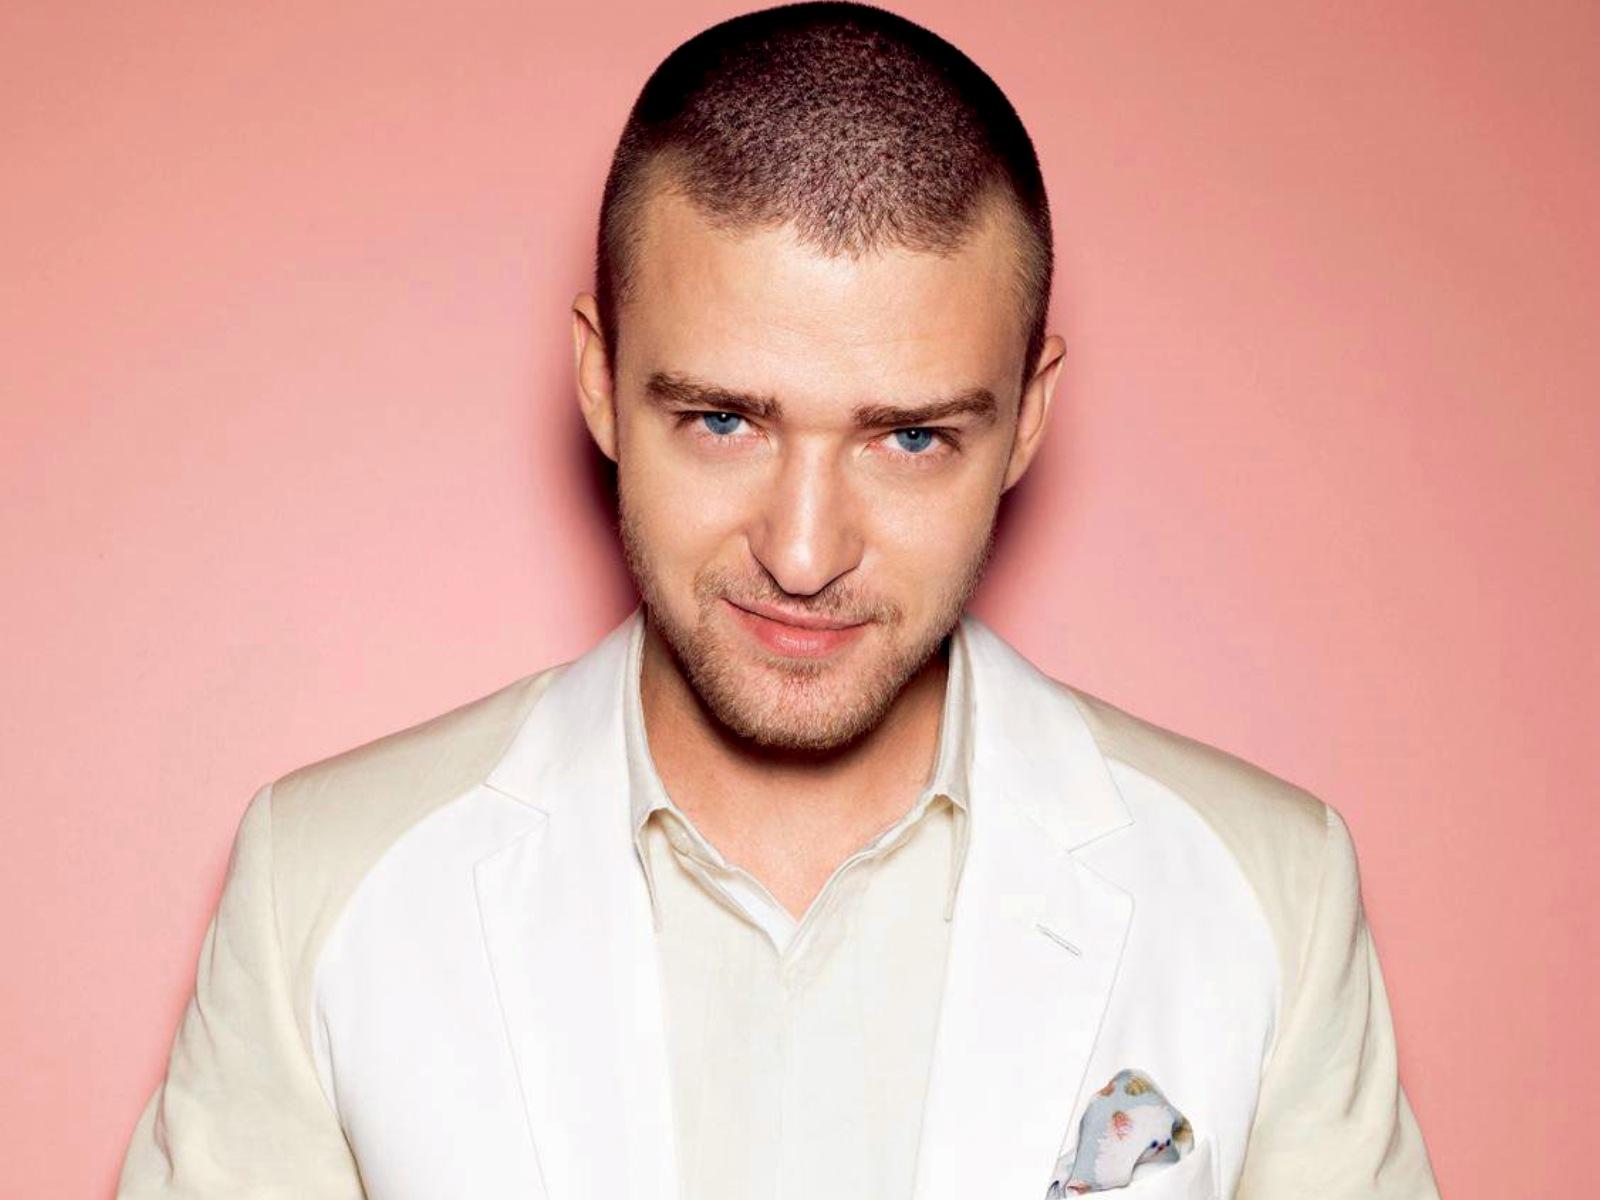 http://2.bp.blogspot.com/-pChYwNsaVSw/T80e6cFhGKI/AAAAAAAACW4/lpebpmJQE50/s1600/Justin-Timberlake-022.jpg